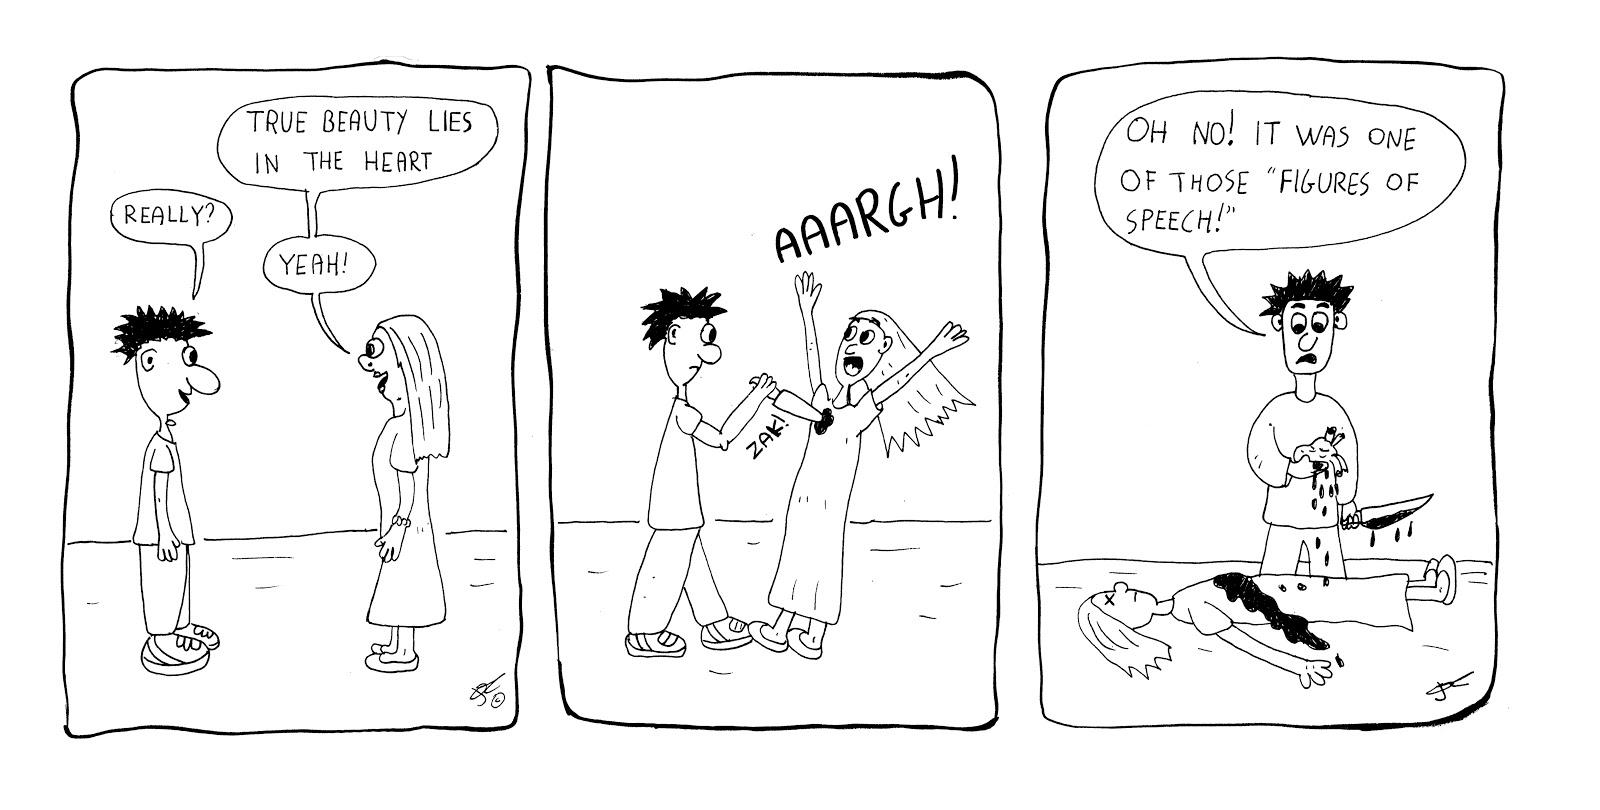 Zampe di Gallina / Chicken Scratch Comics: November 2012